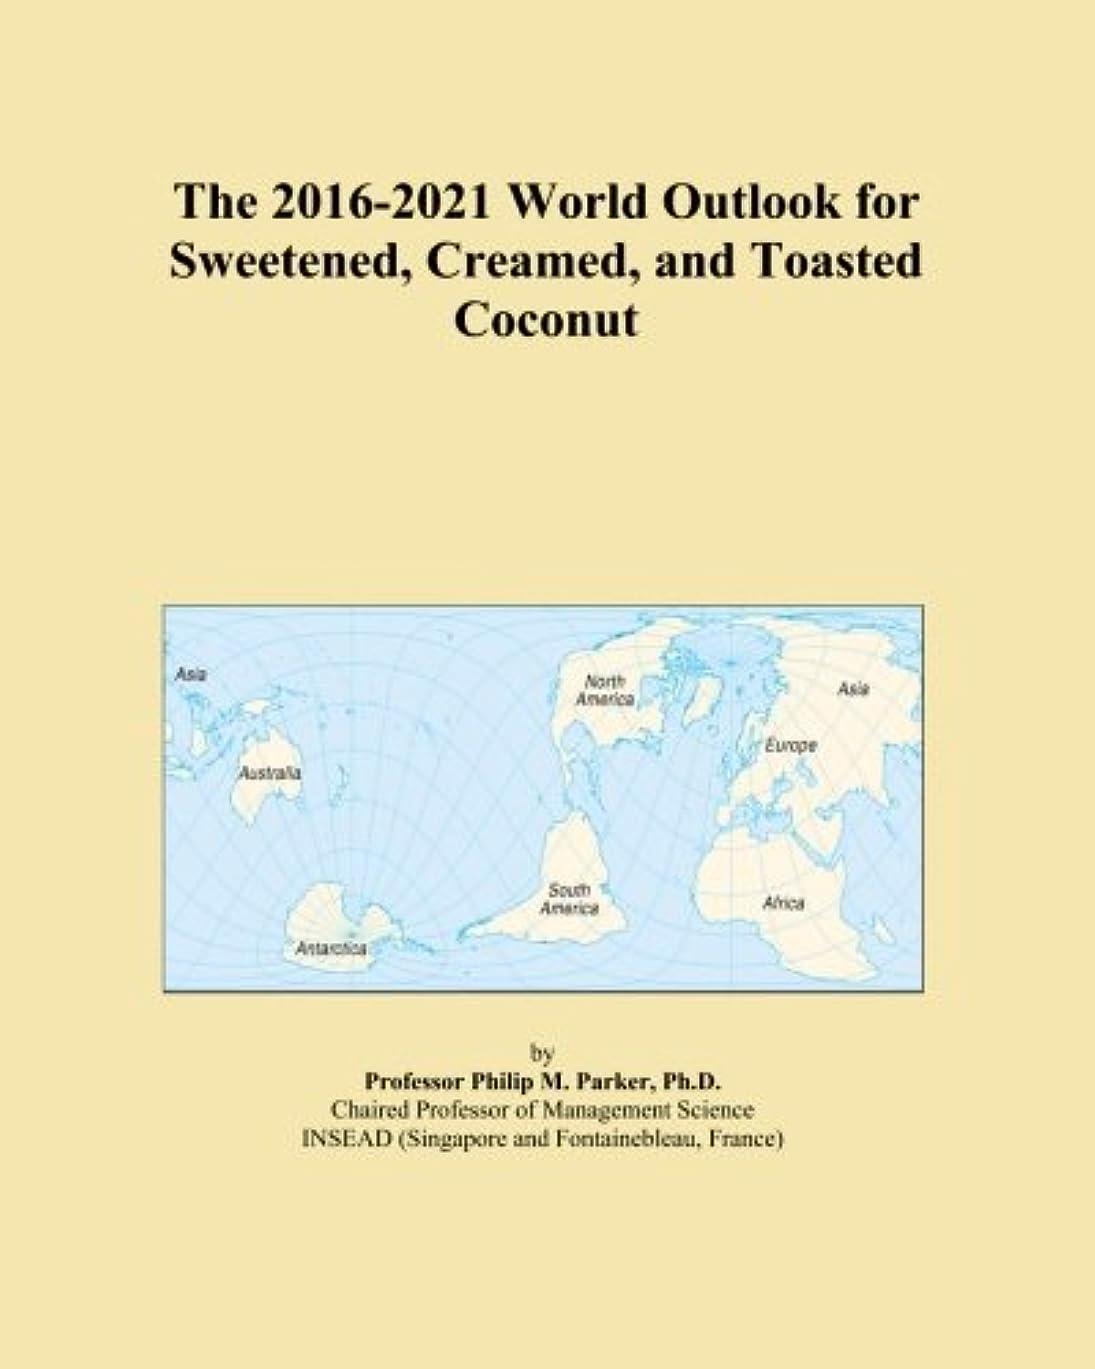 増加する重くするリサイクルするThe 2016-2021 World Outlook for Sweetened, Creamed, and Toasted Coconut